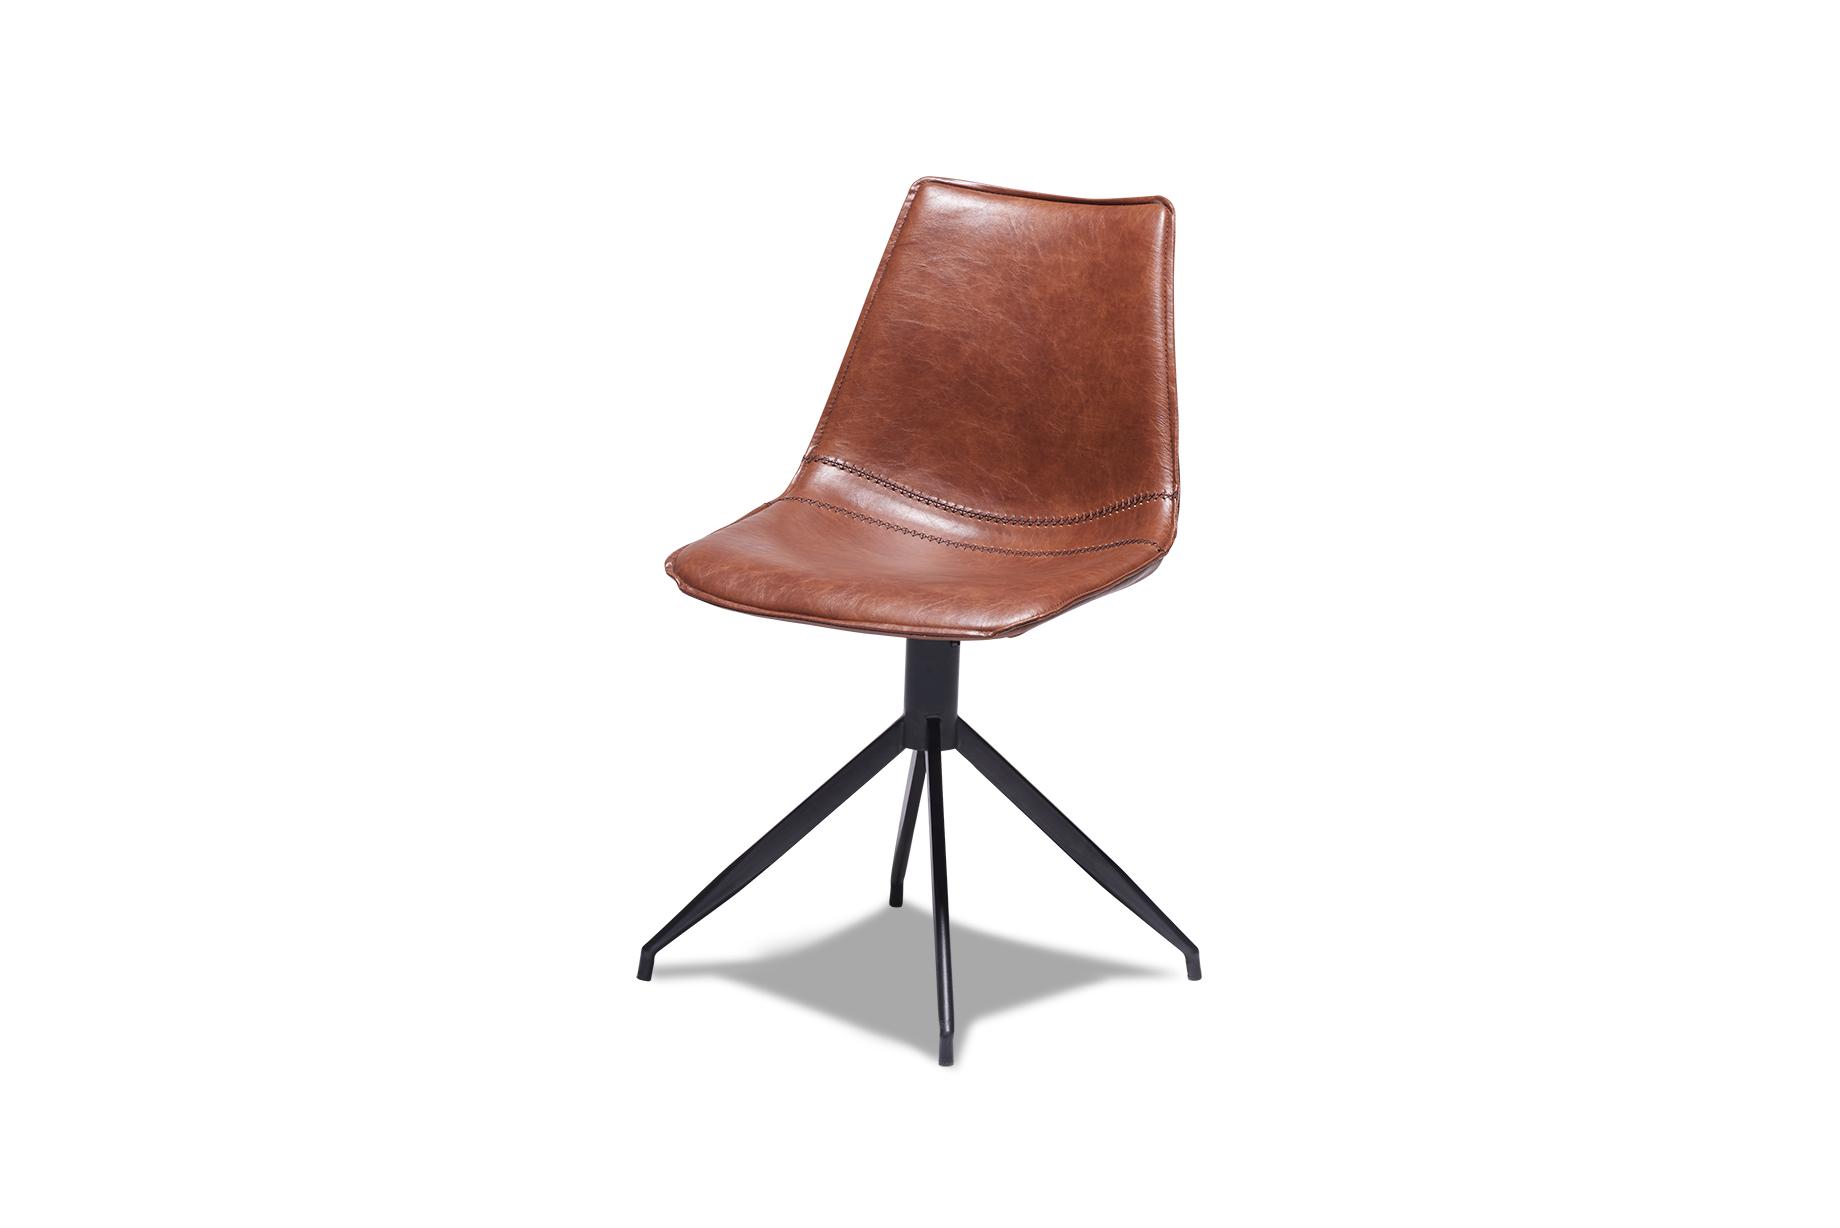 Isabel spisebordsstol - sort/brun kunstlæder, uden armlæn